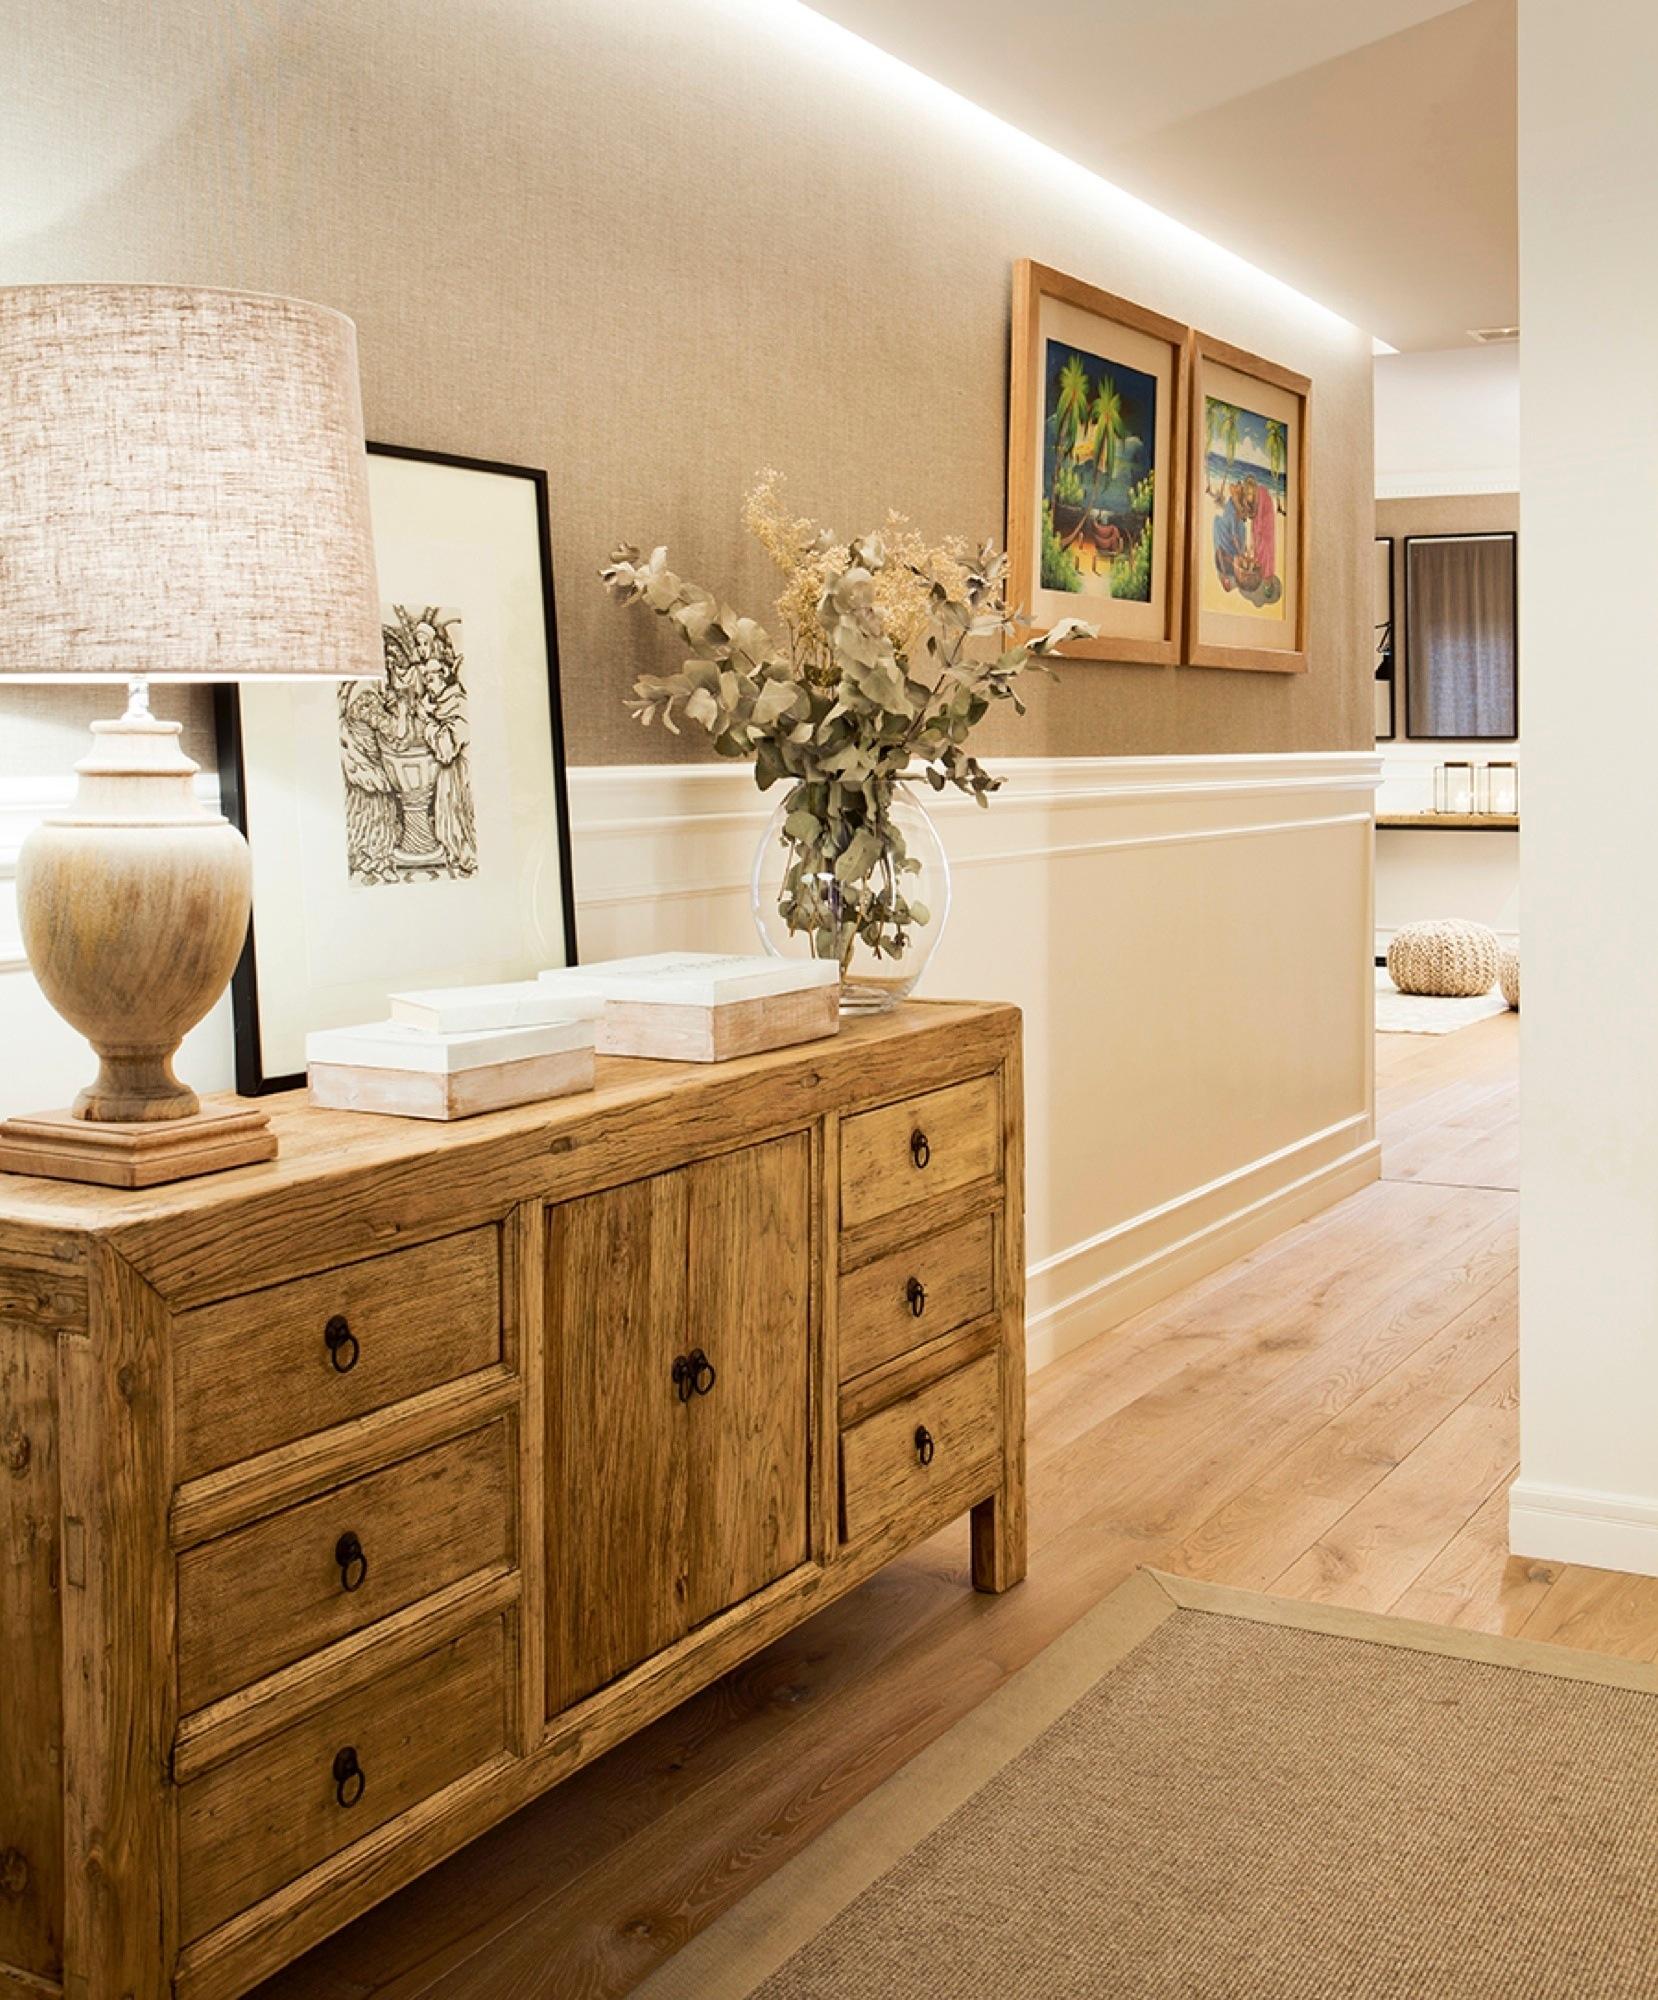 Recibidores Los Mejores 50 De El Mueble # Muebles Coquetos